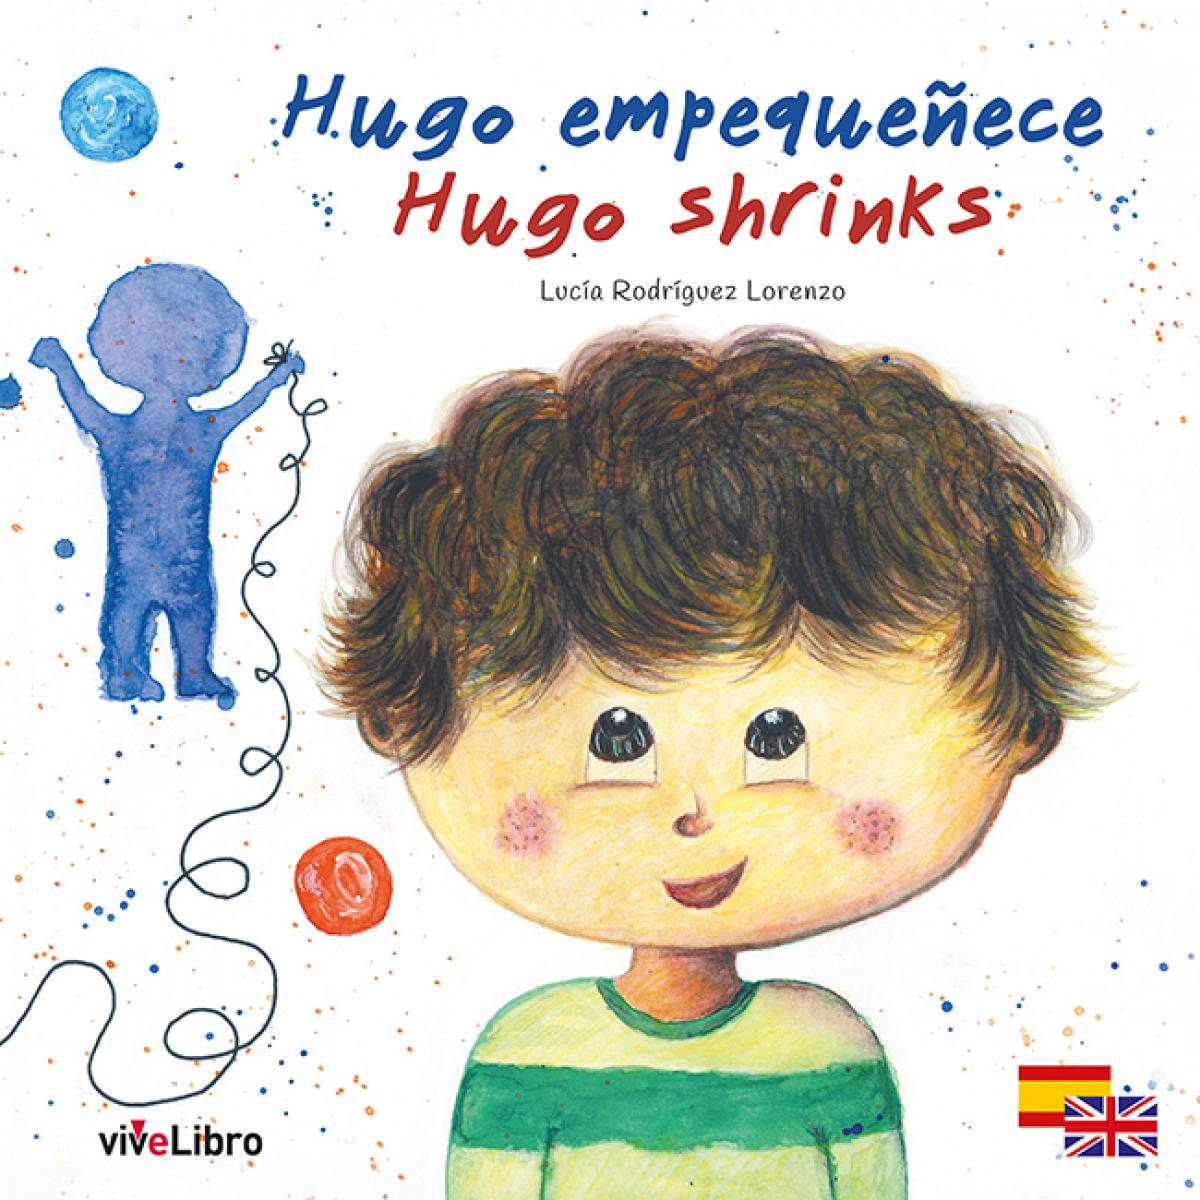 Hugo empequeñece / Hugo shrinks